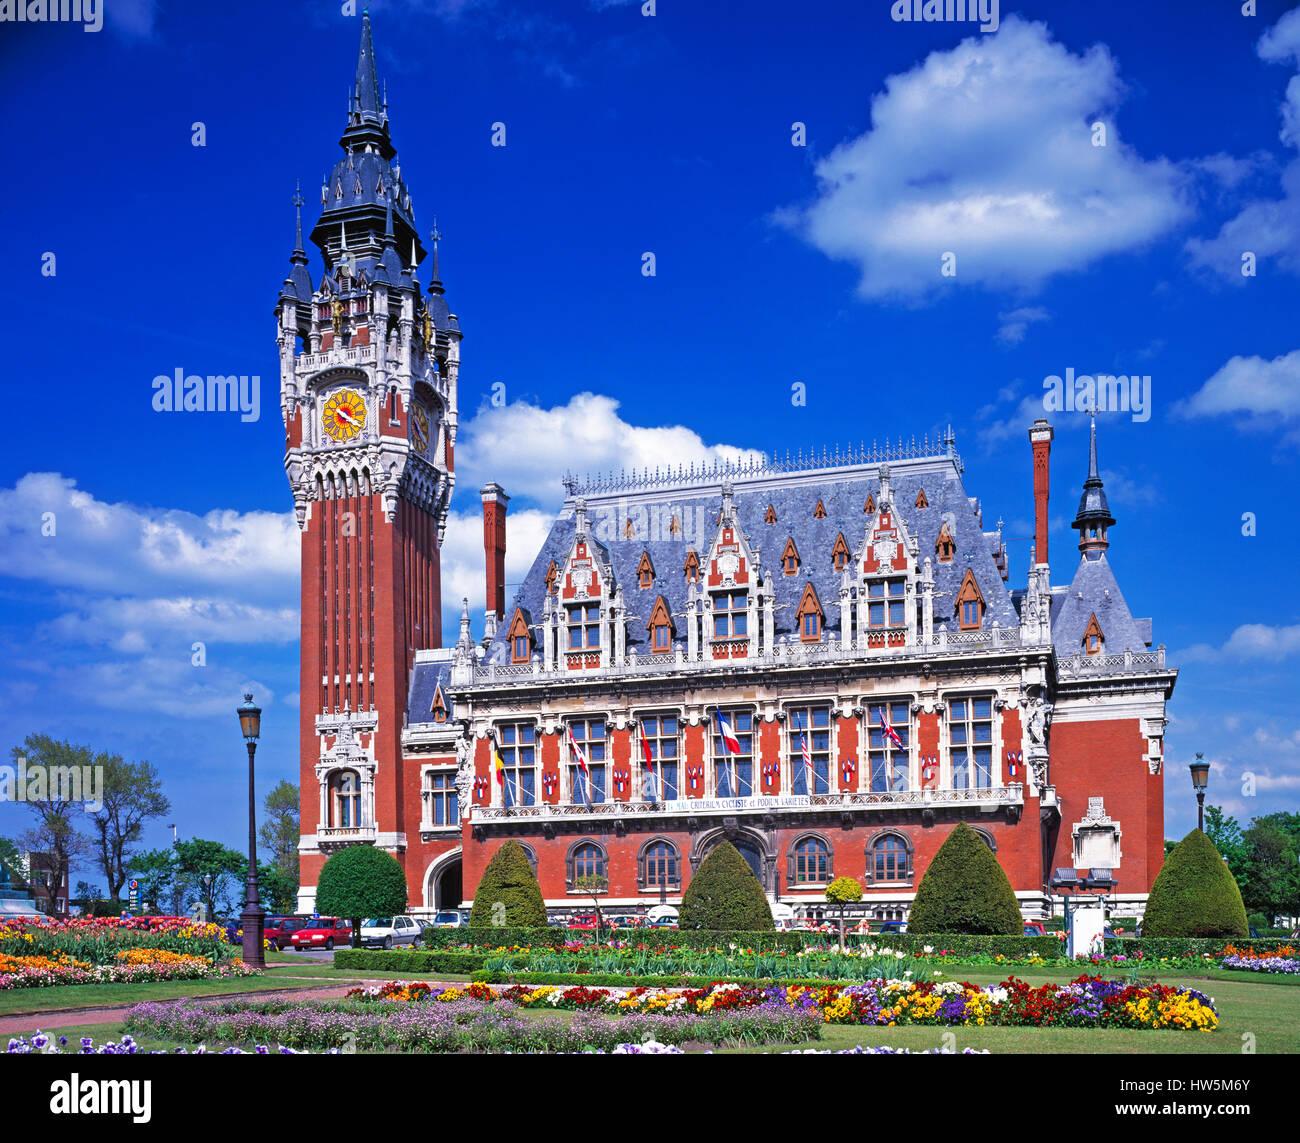 The Town Hall, Calais, Pas de Calais, France. - Stock Image